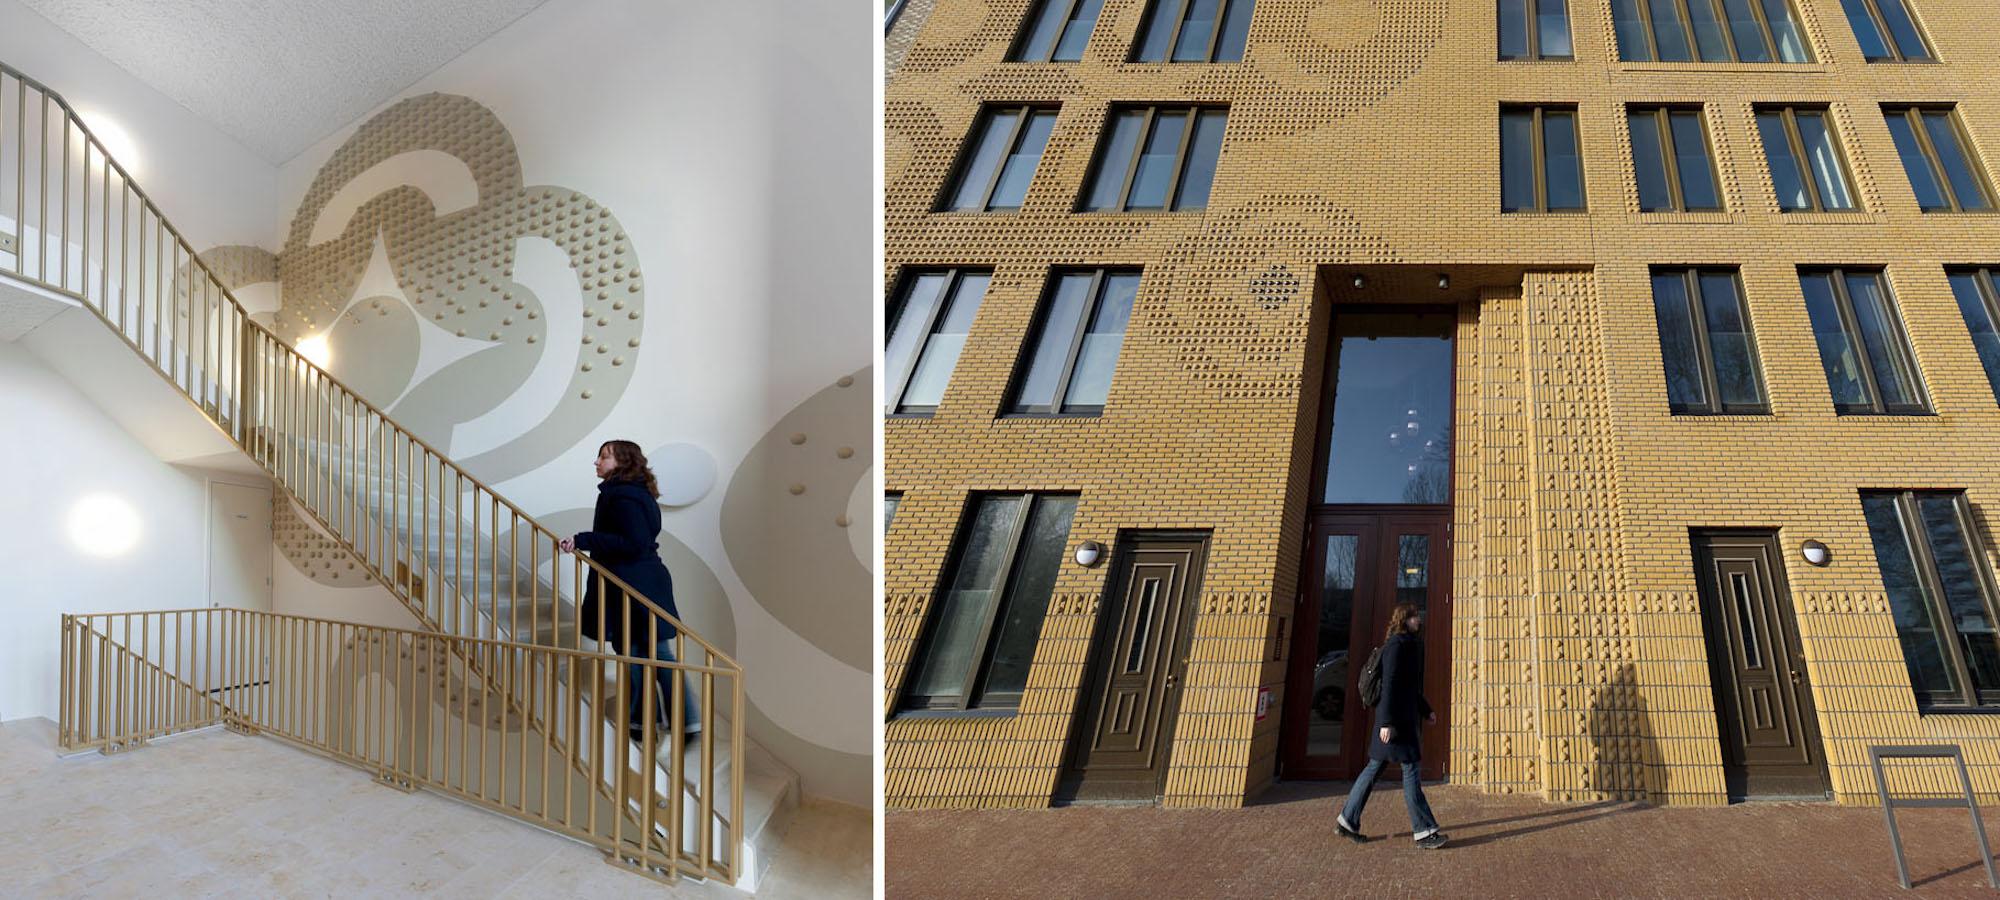 Nieuw crooswijk woningen rotterdam for Rotterdam crooswijk